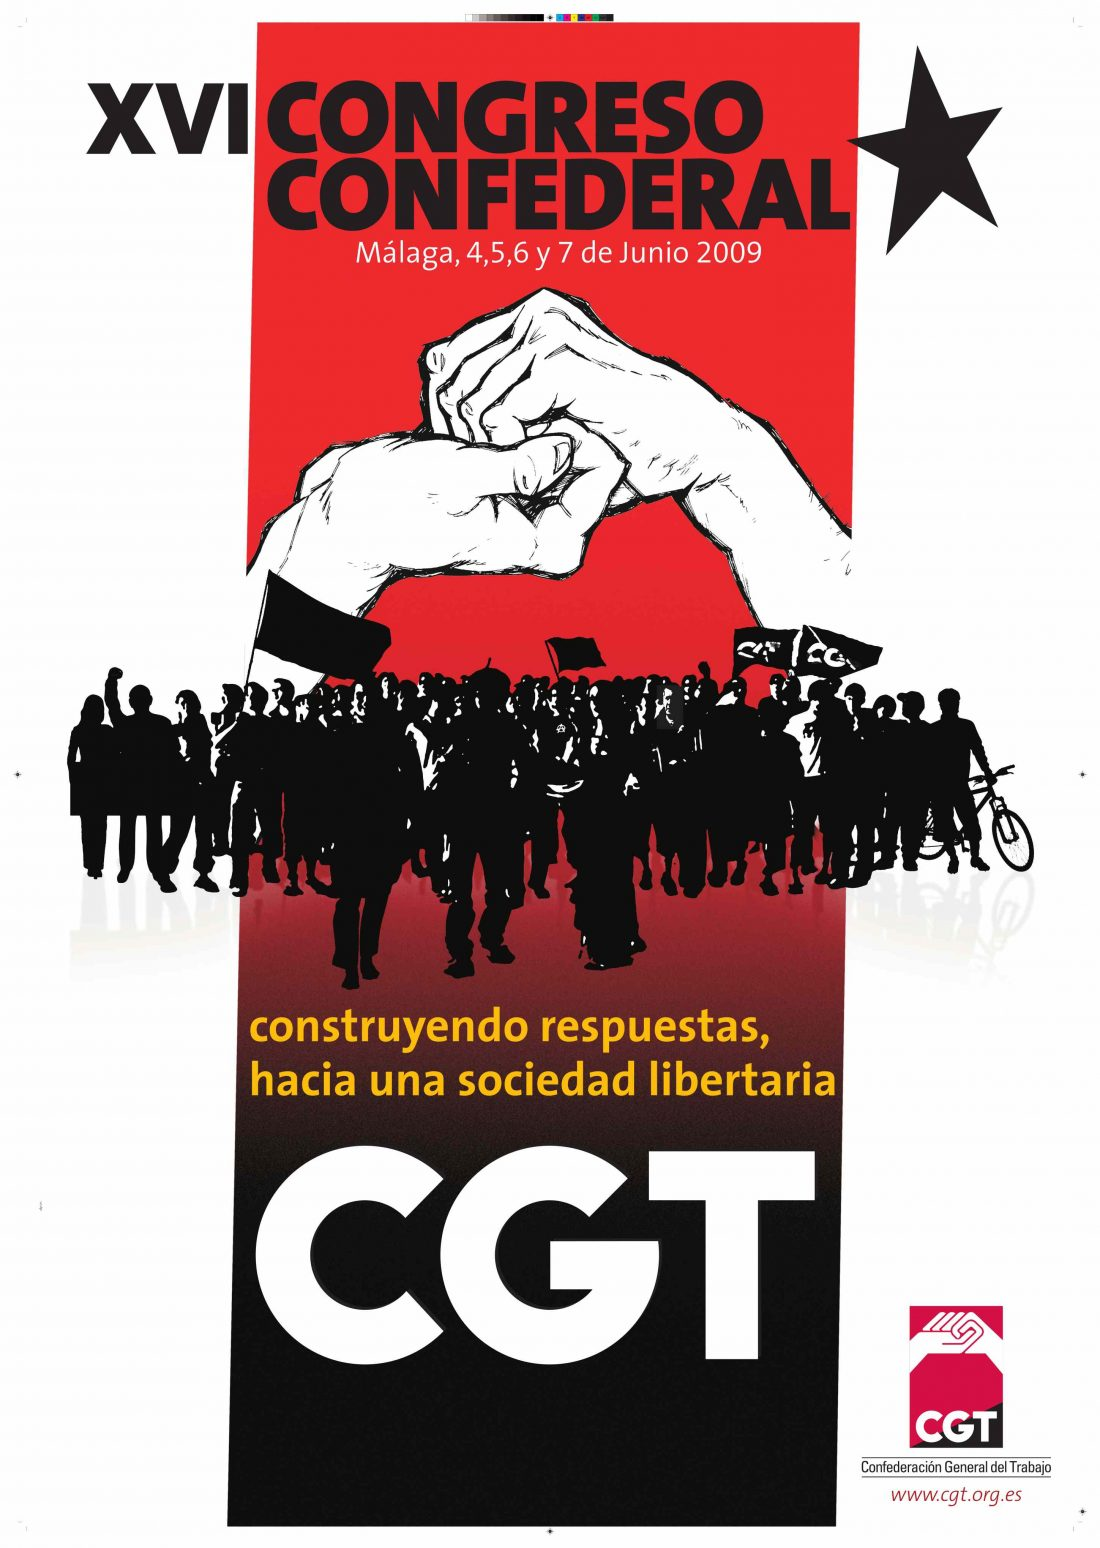 Cartel y logo del XVI Congreso de la CGT